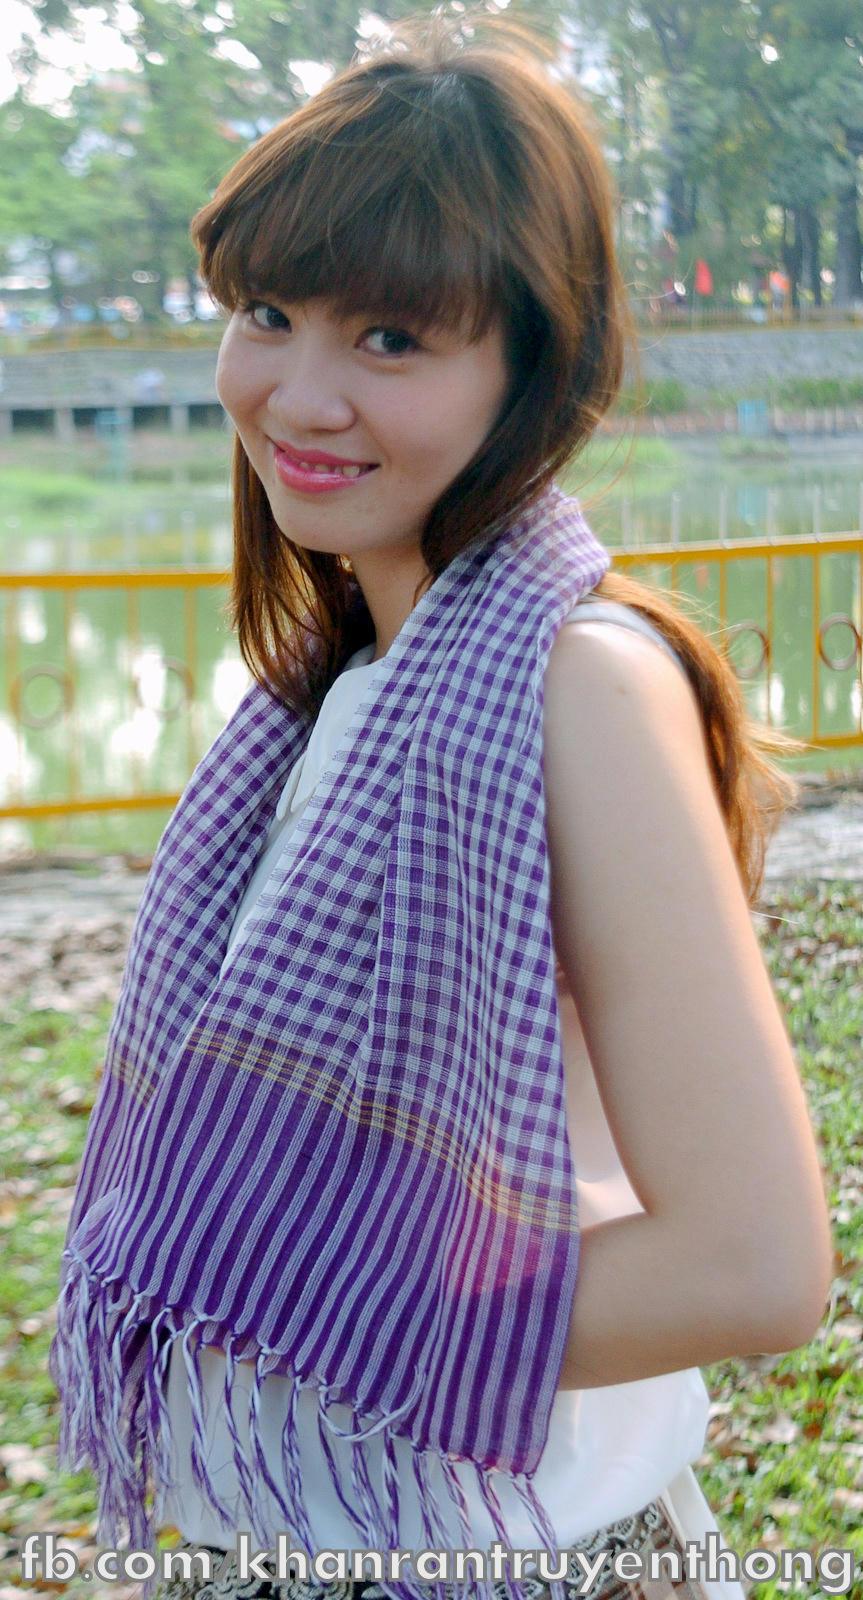 Bán sỉ, lẻ khăn rằn Nam bộ, khăn rằn Campuchia - Giá bán tốt nhất hiện nay - 3